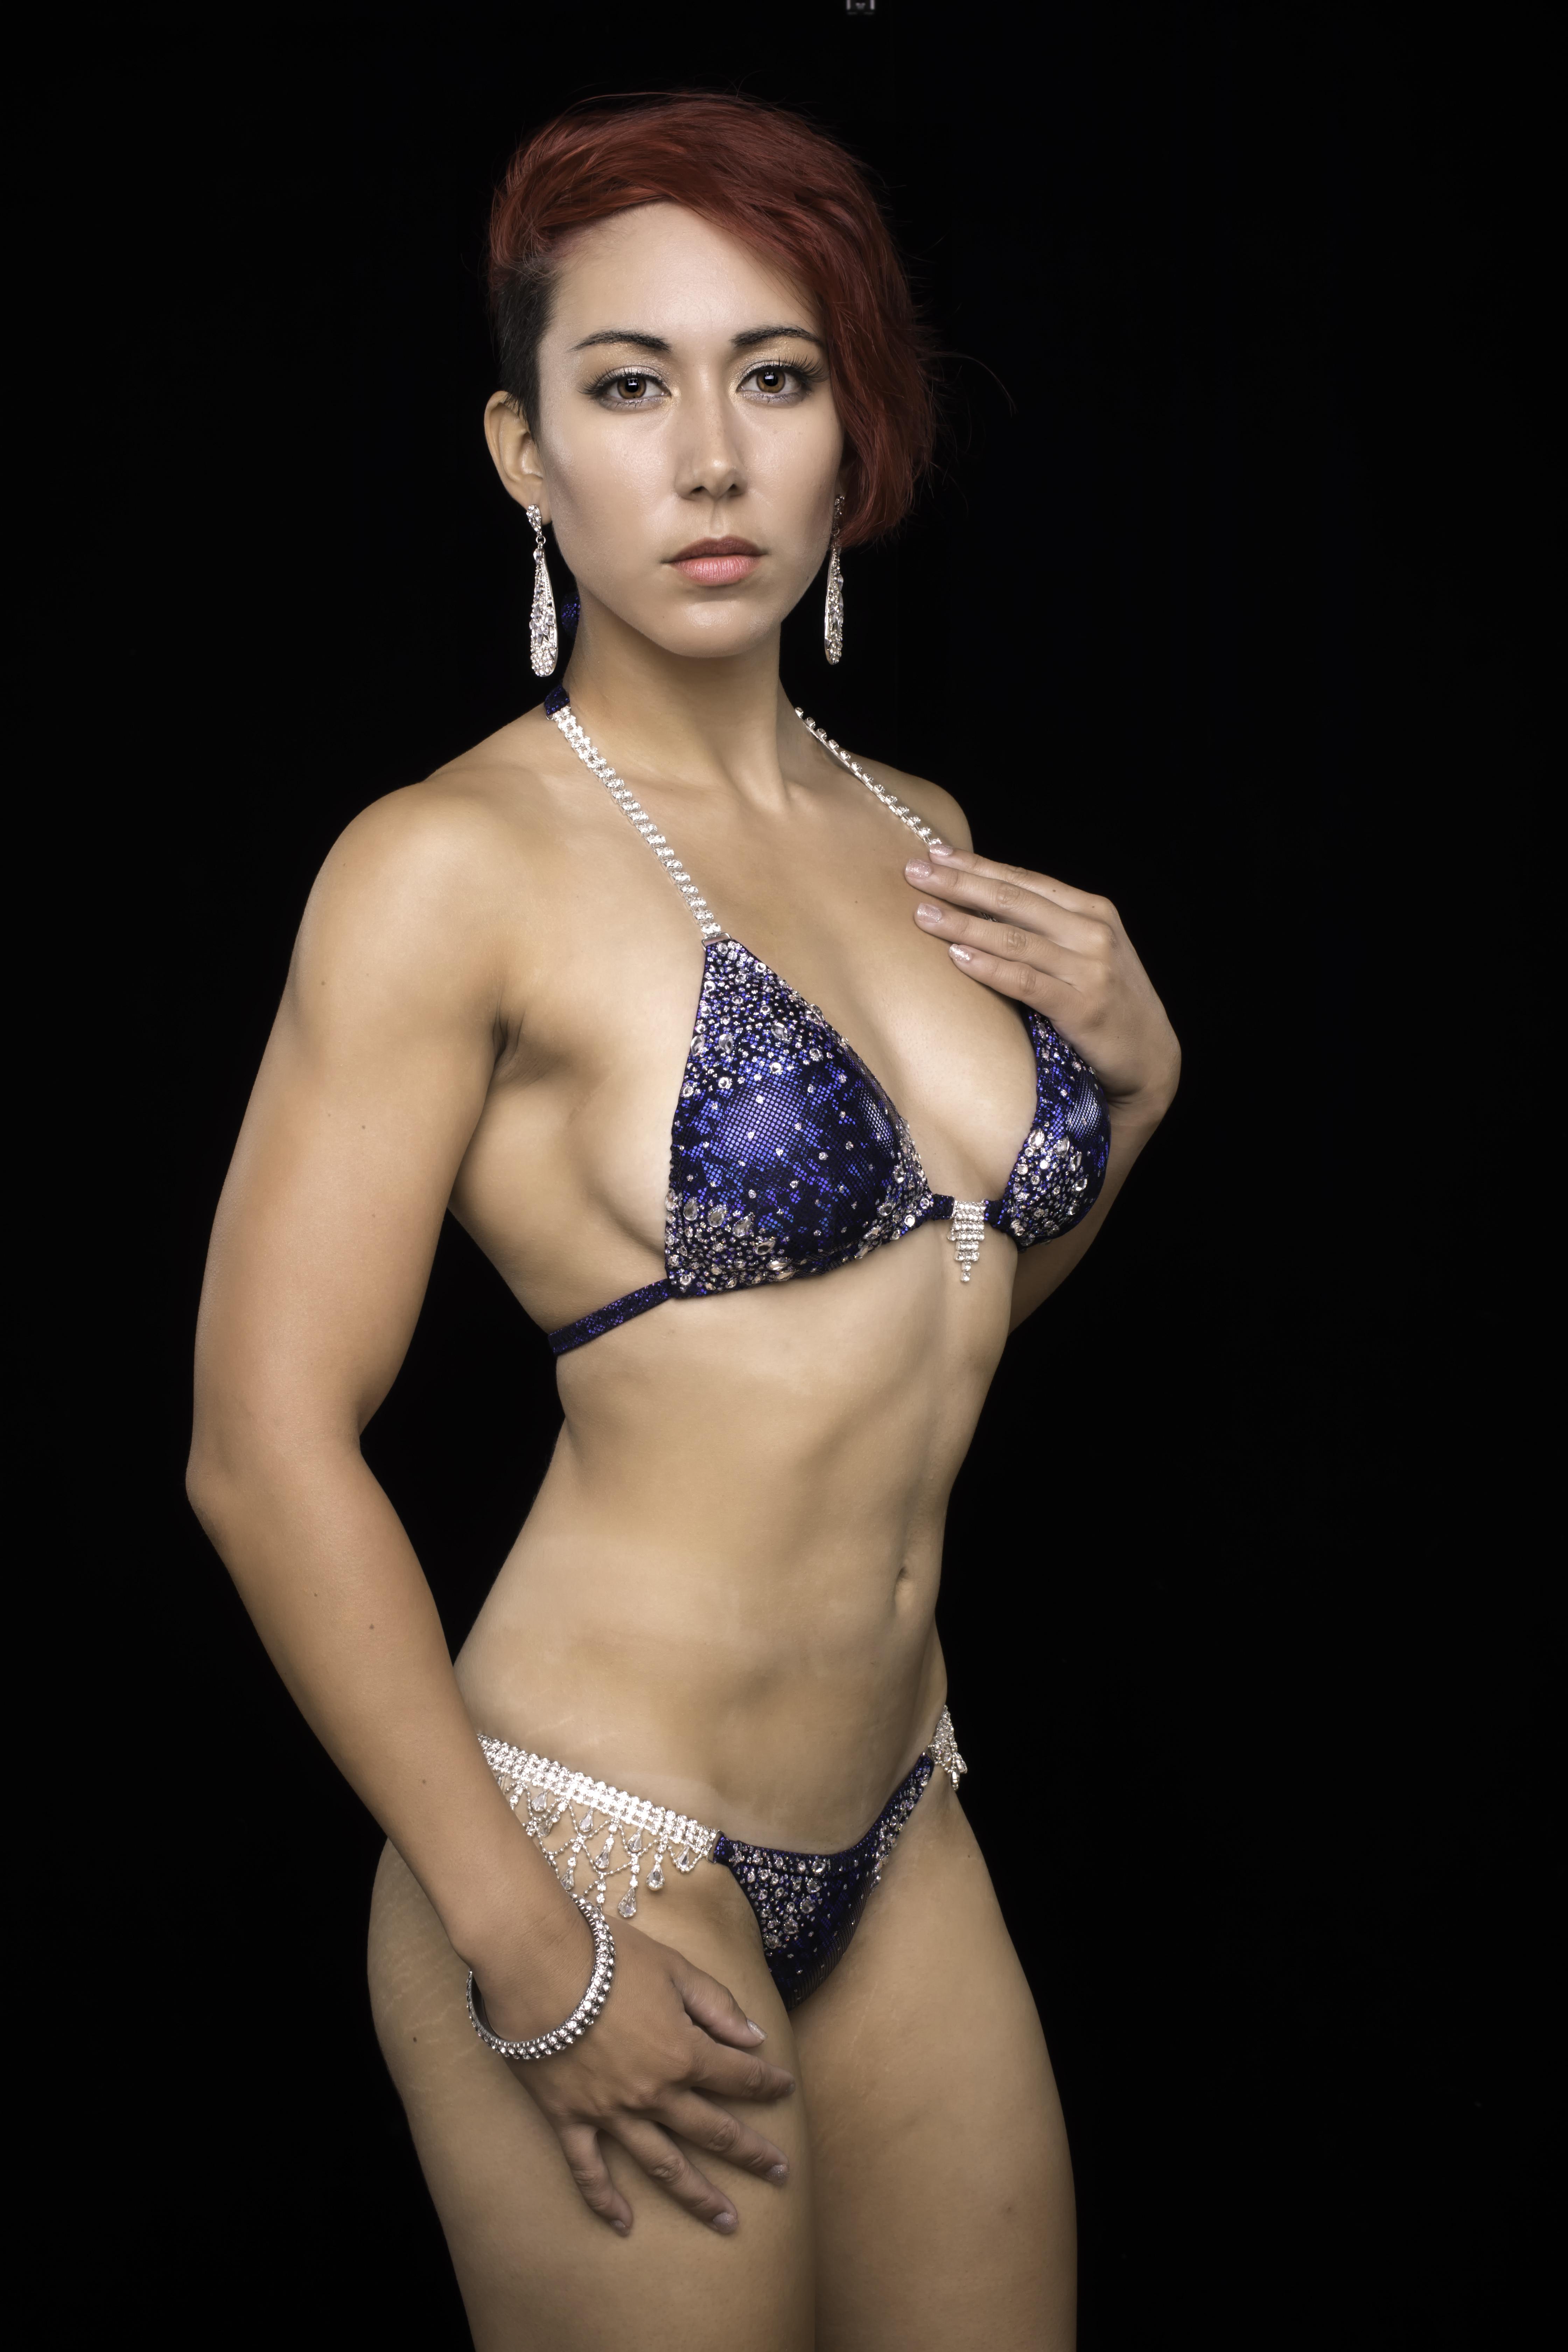 Glamour bikini classic